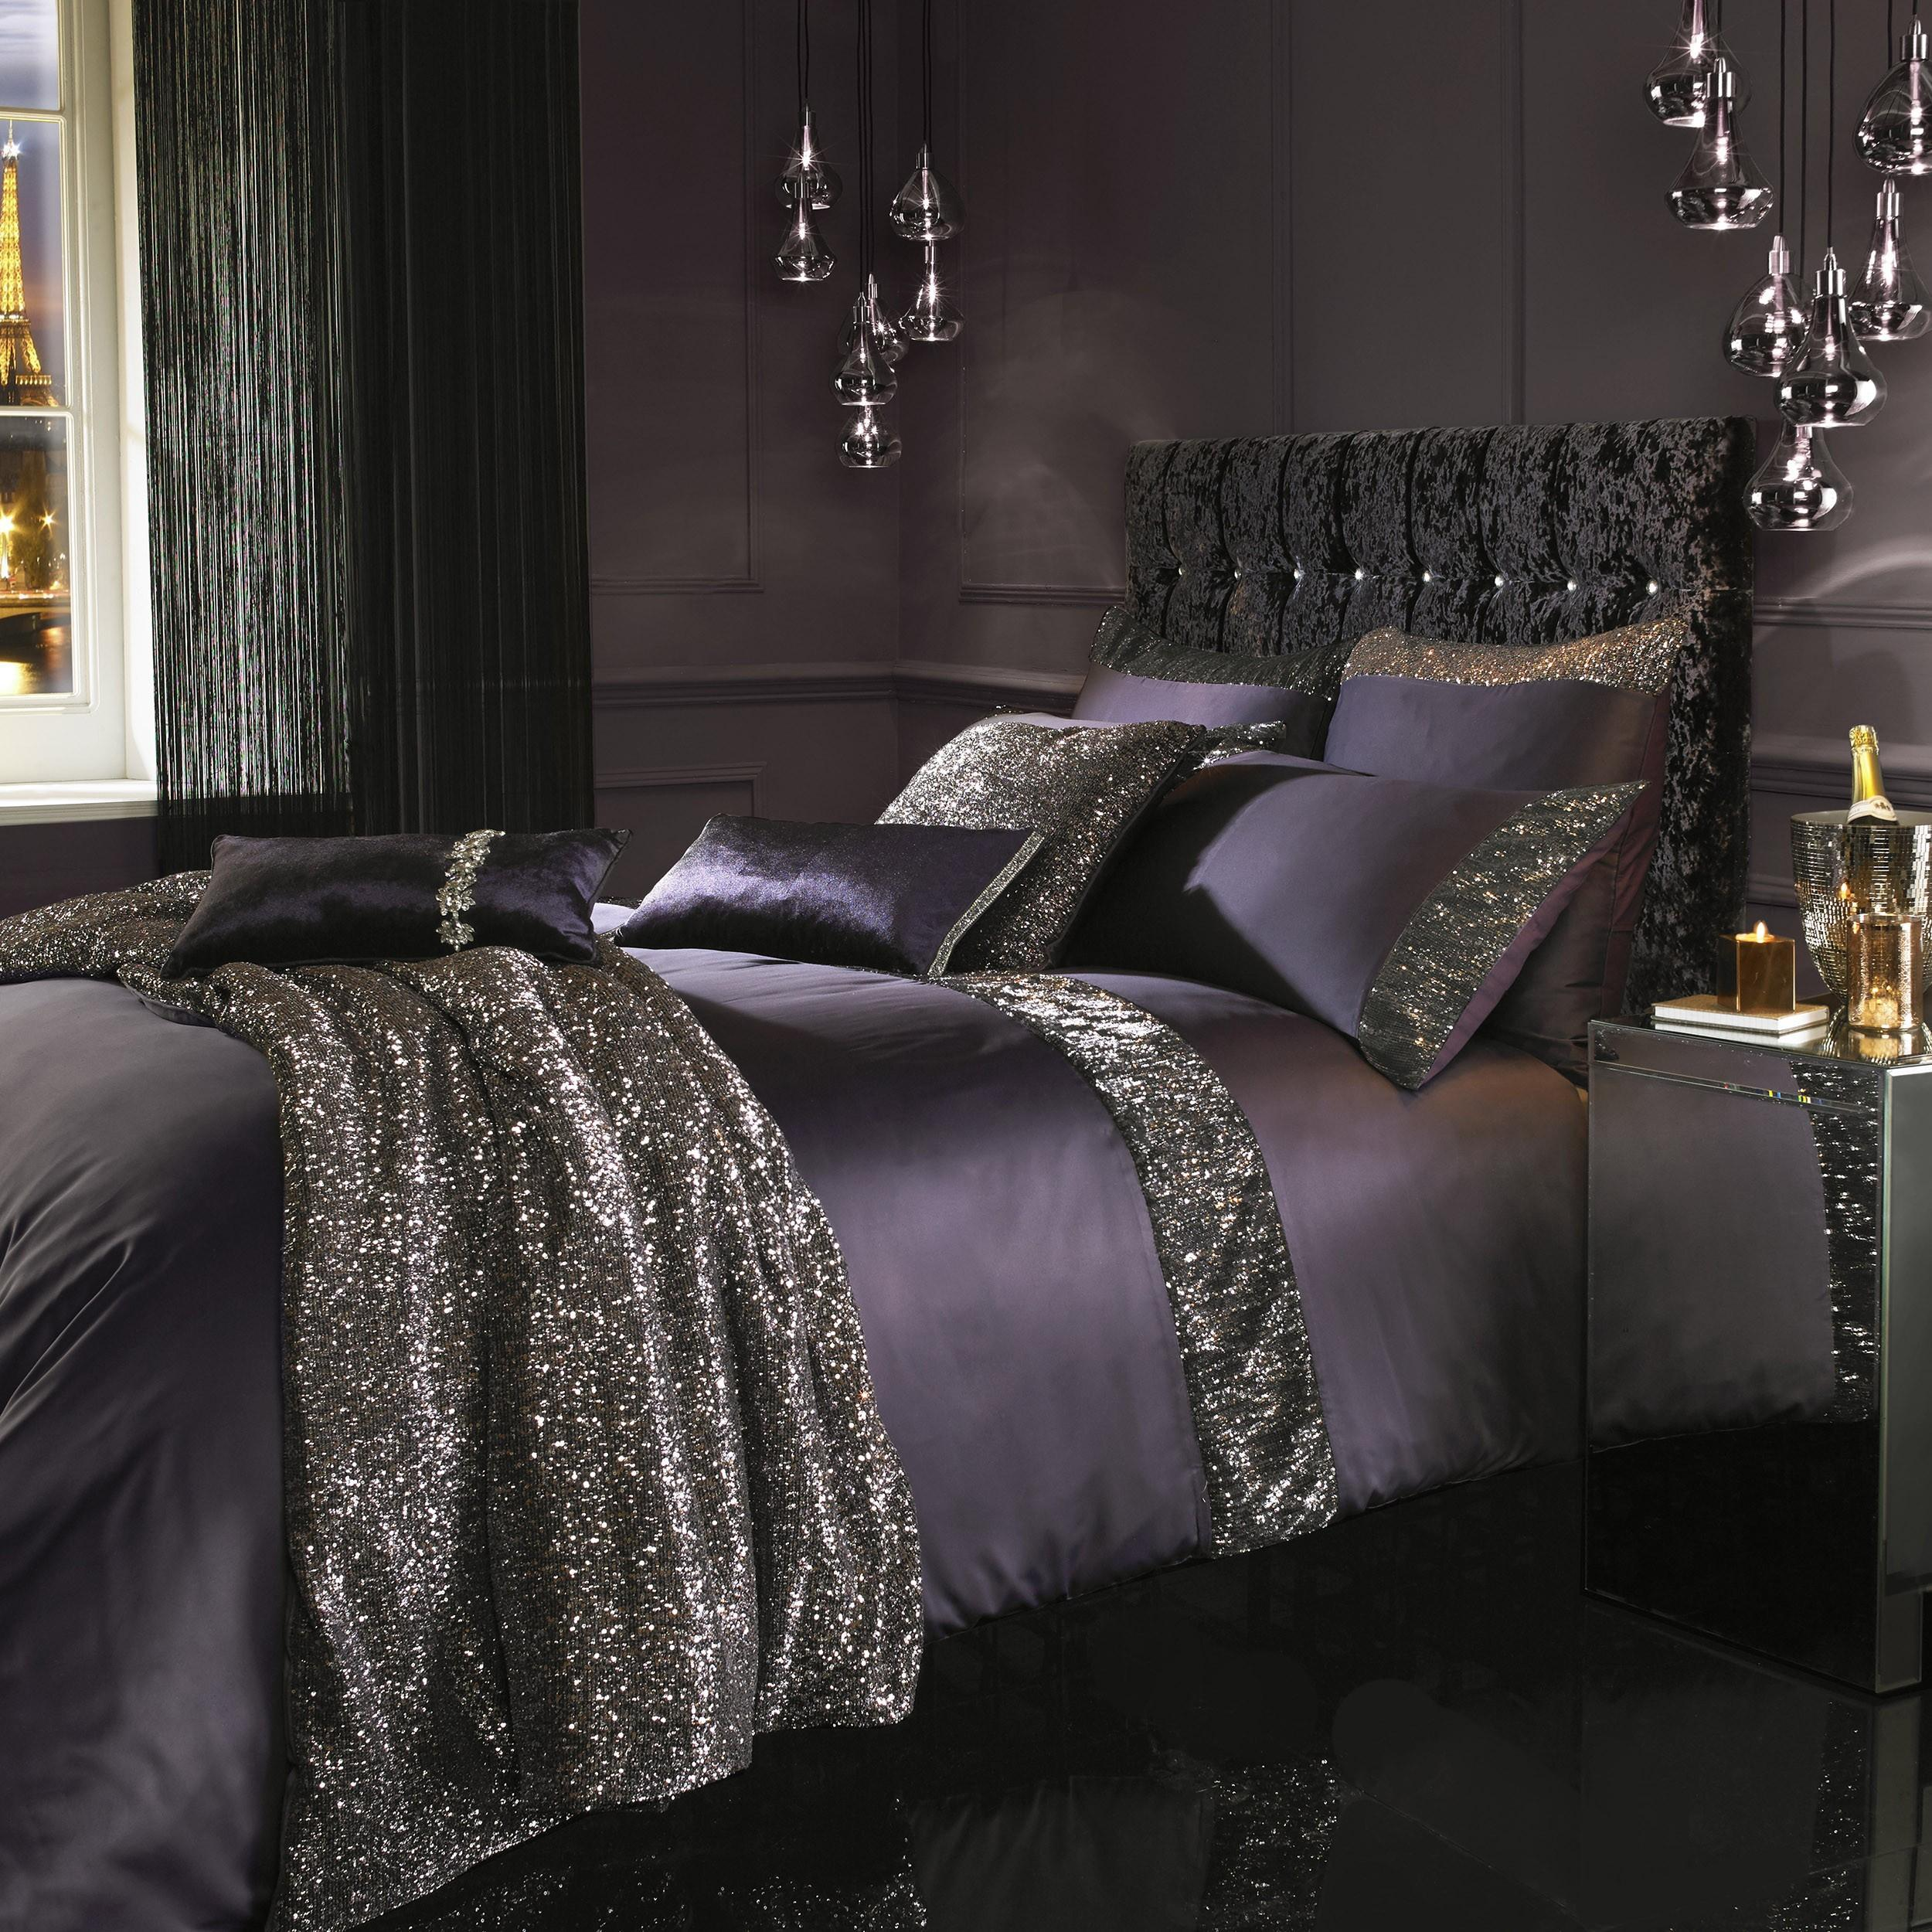 Kylie Minogue Astor Bedding Range Amethyst | Ponden Home